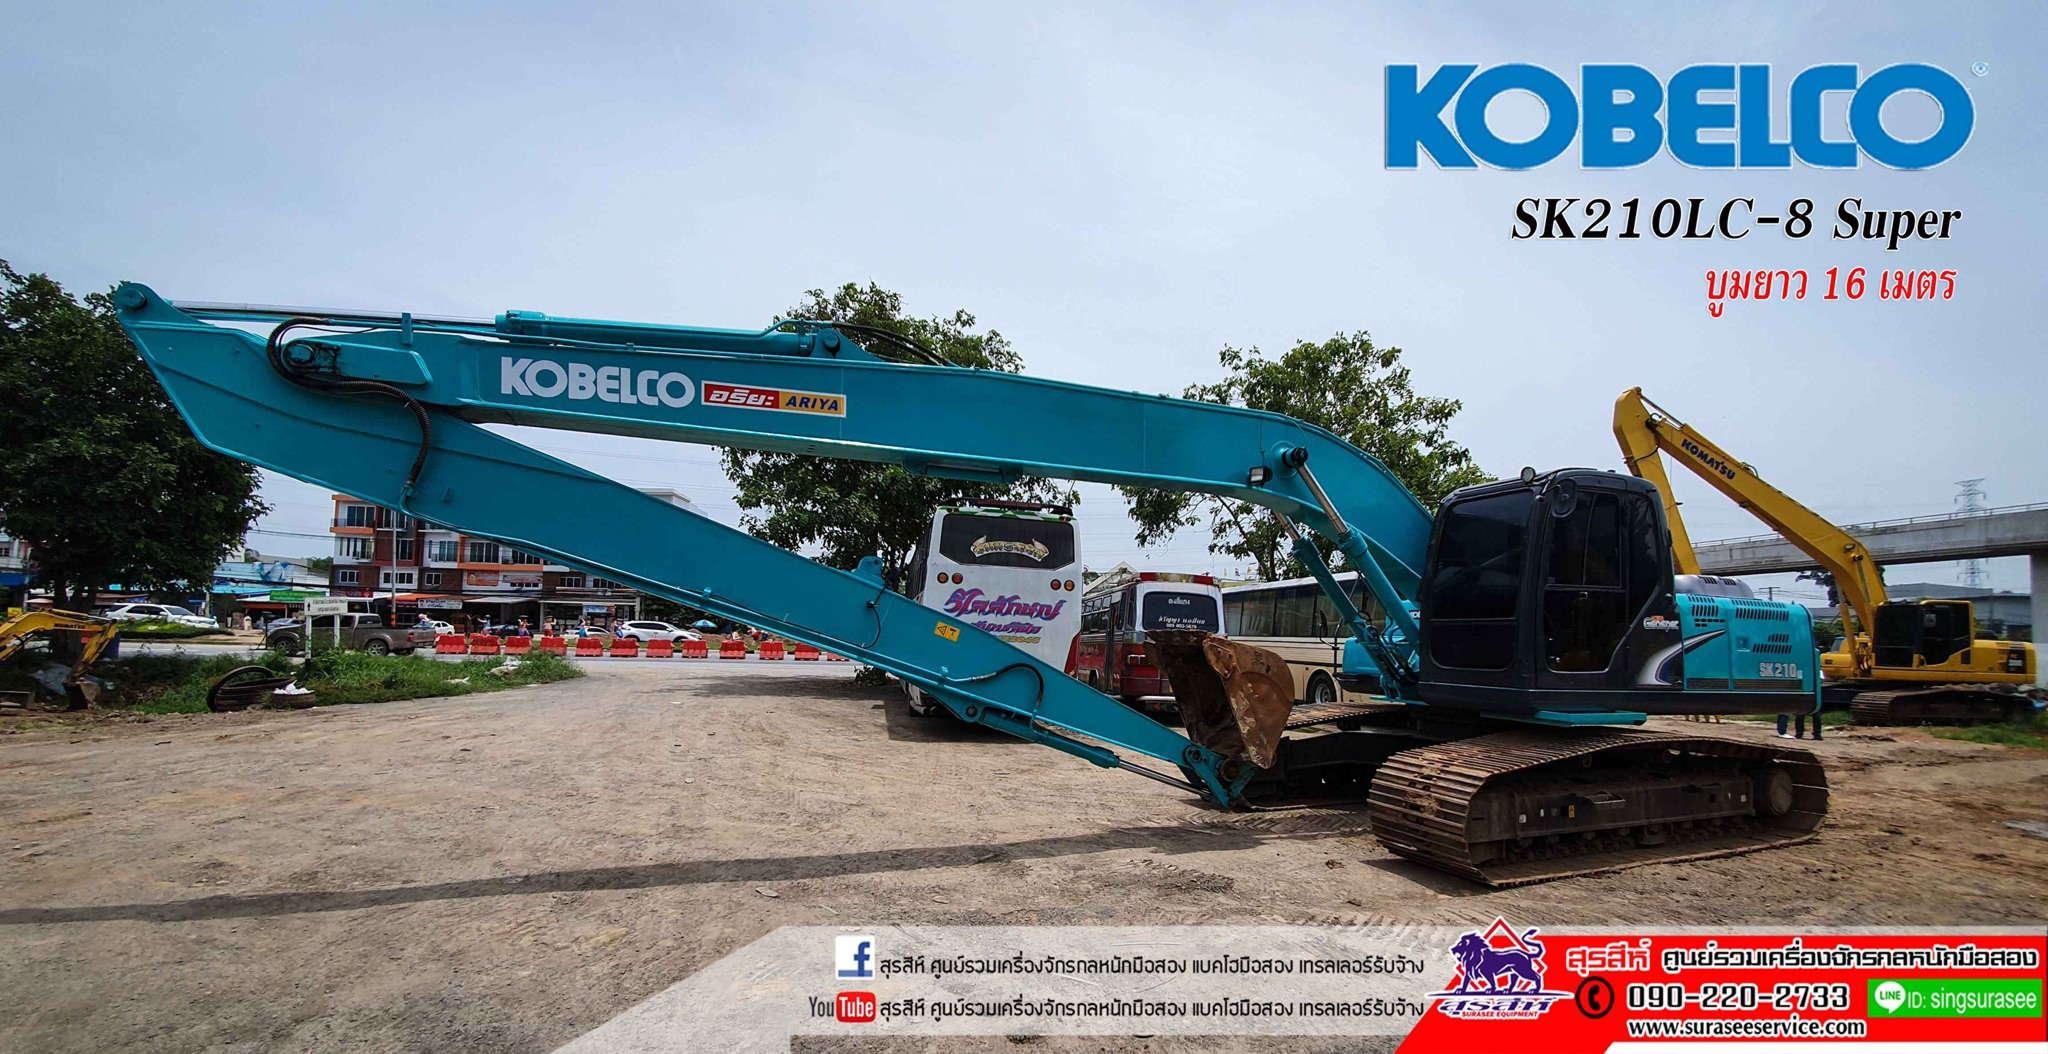 KOBELCO SK210LC-8 YQ12 Super บูมยาว 16 เมตร ใช้งาน 1 หมื่นชั่วโมง สภาพ สวย แน่น เต็ม